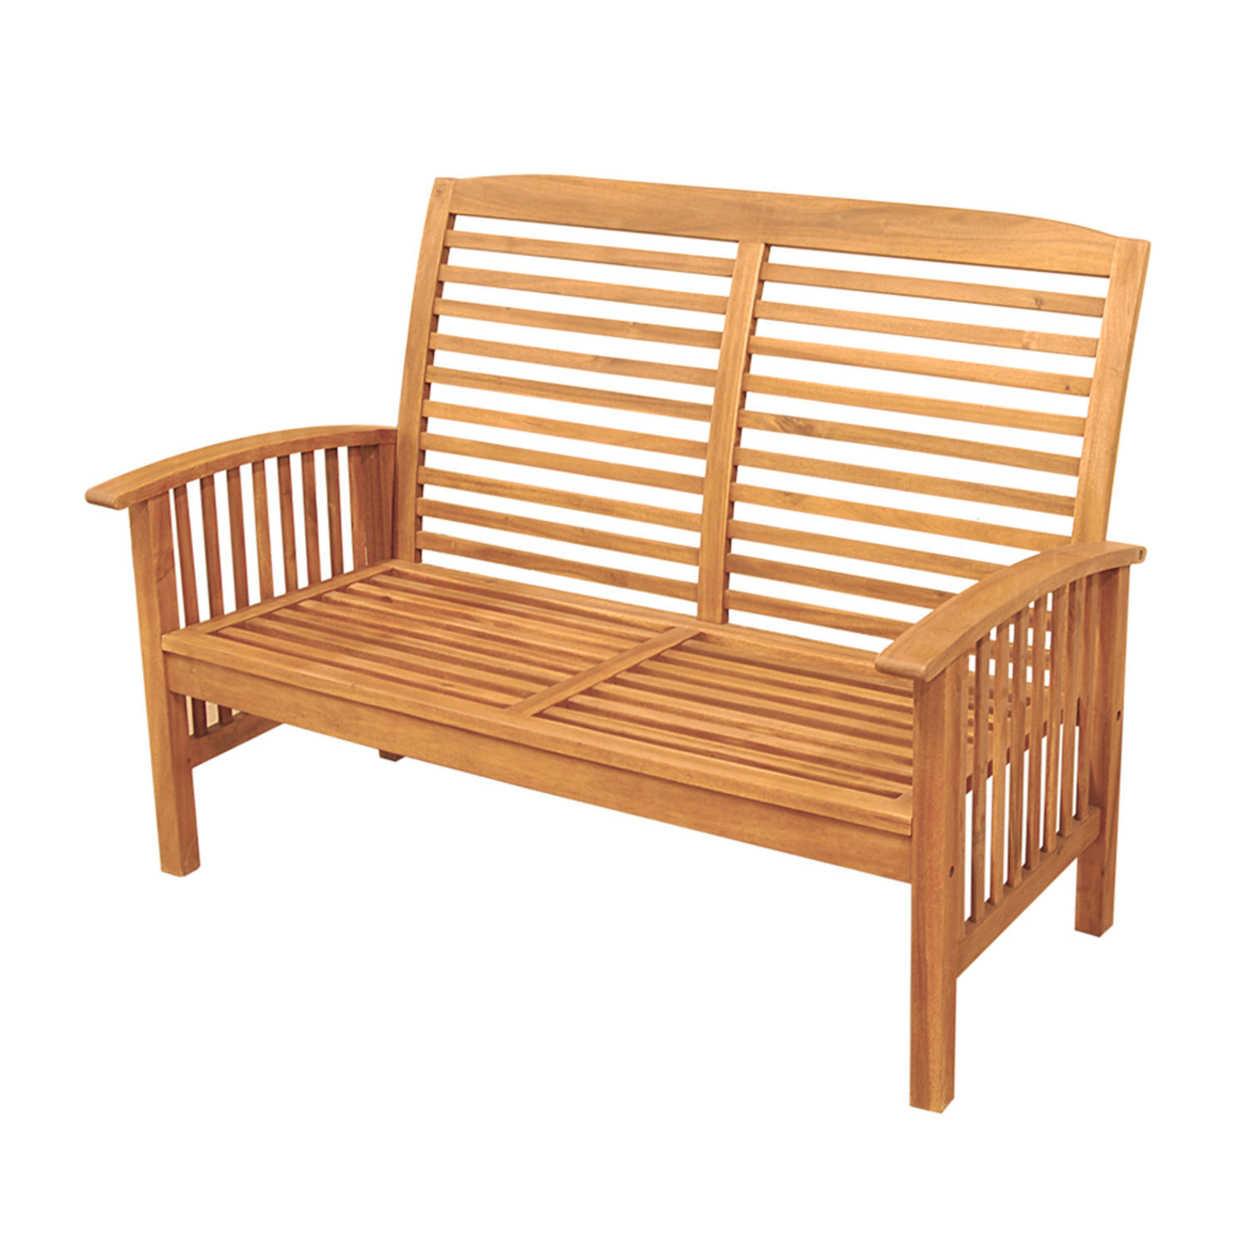 Мы мебель Acacia детский деревянный стульчик Loveseat скамейка